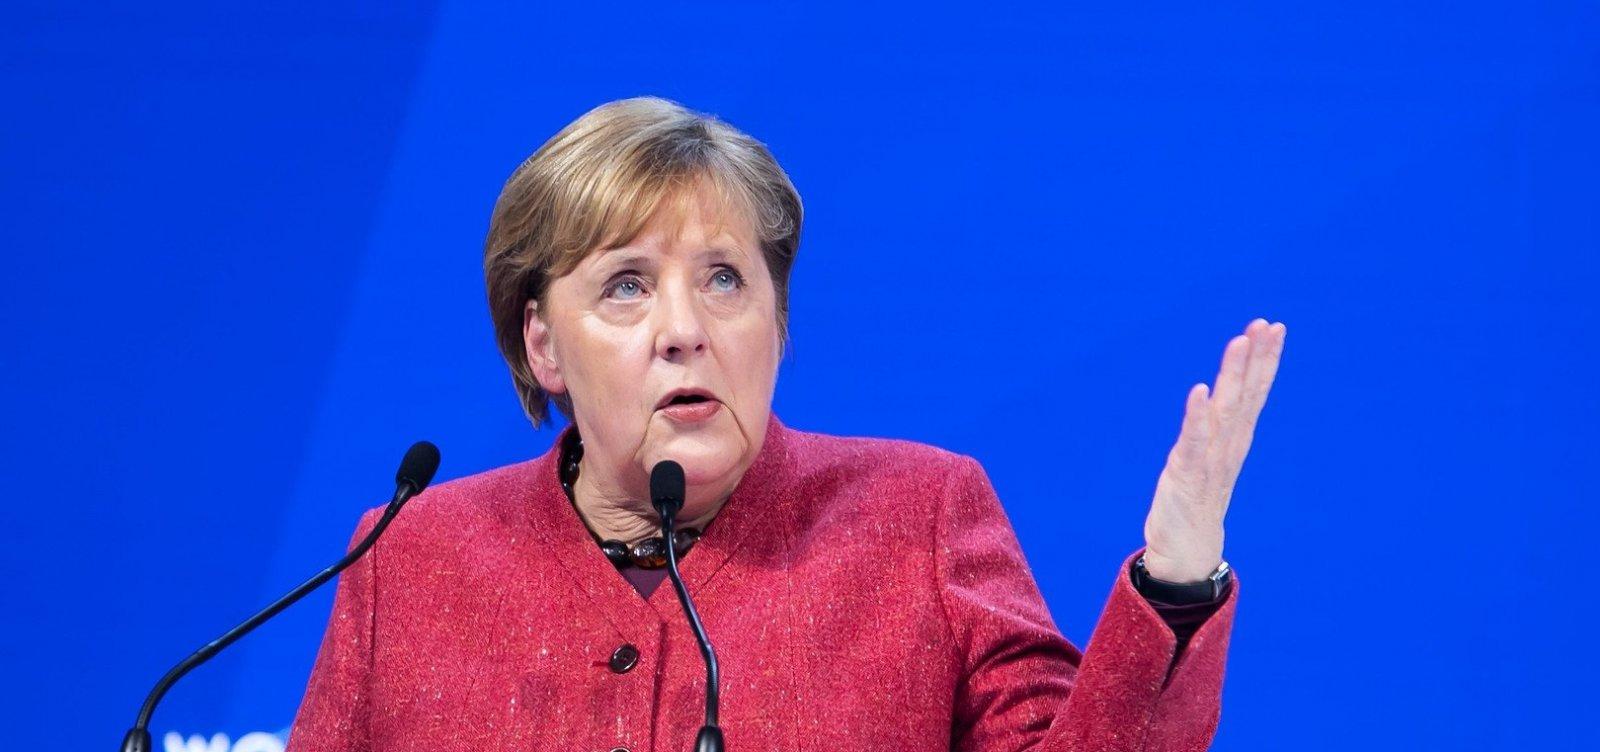 [Após festas de fim de ano, chanceler da Alemanha diz que pior fase da pandemia ainda está por vir]